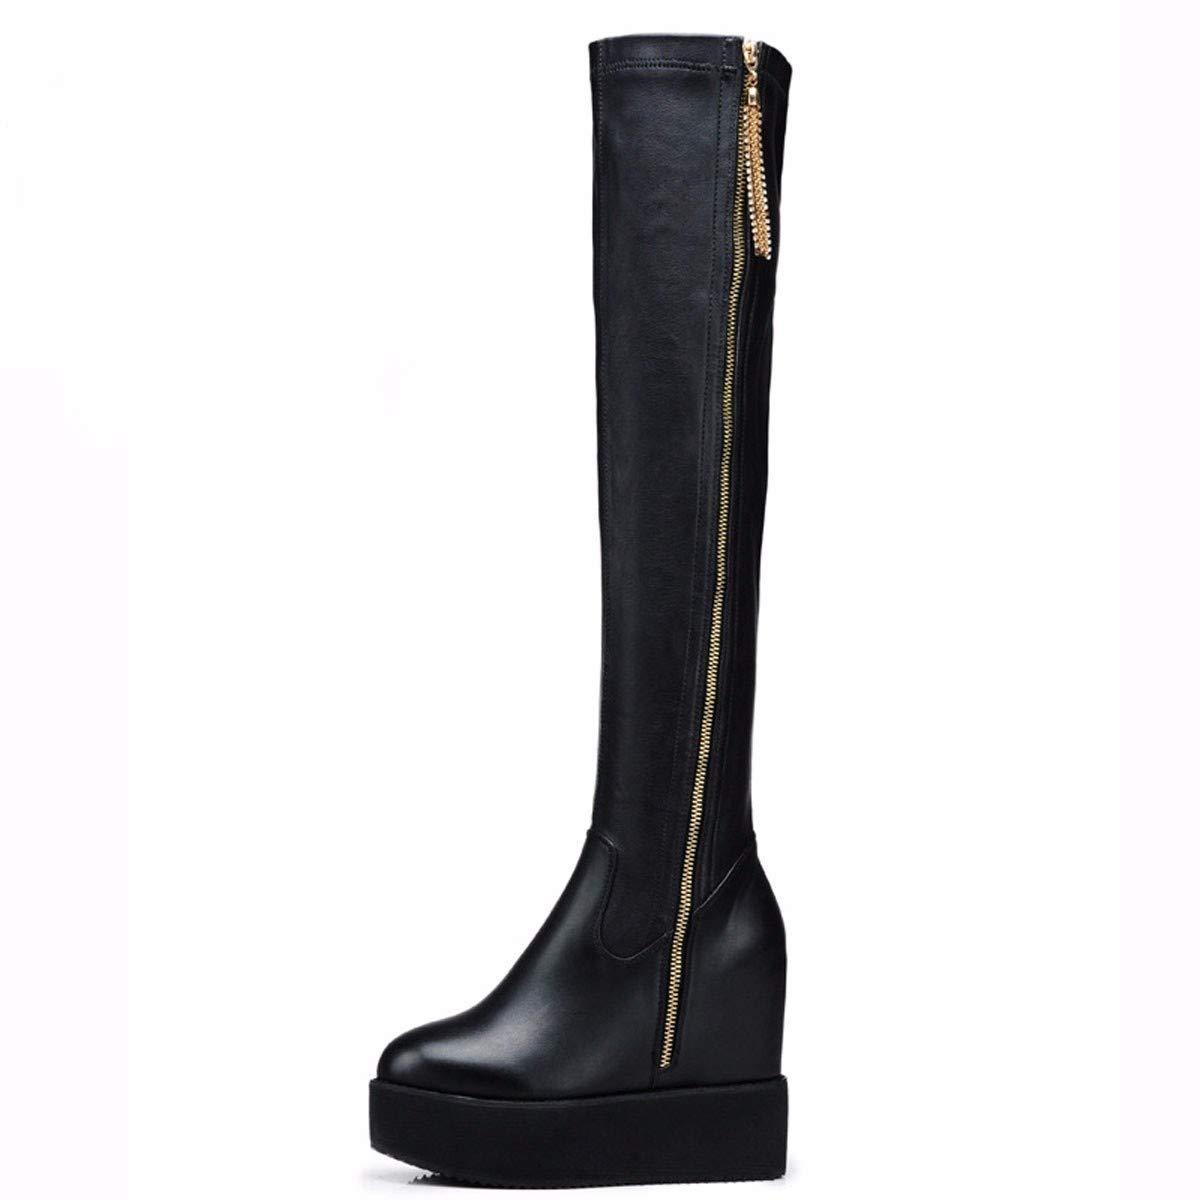 noir Thirty-eight GTVERNH Chaussures Femmes Pente Talon des Bottes Knight Bottes 5 Cm Et La Hauteur.